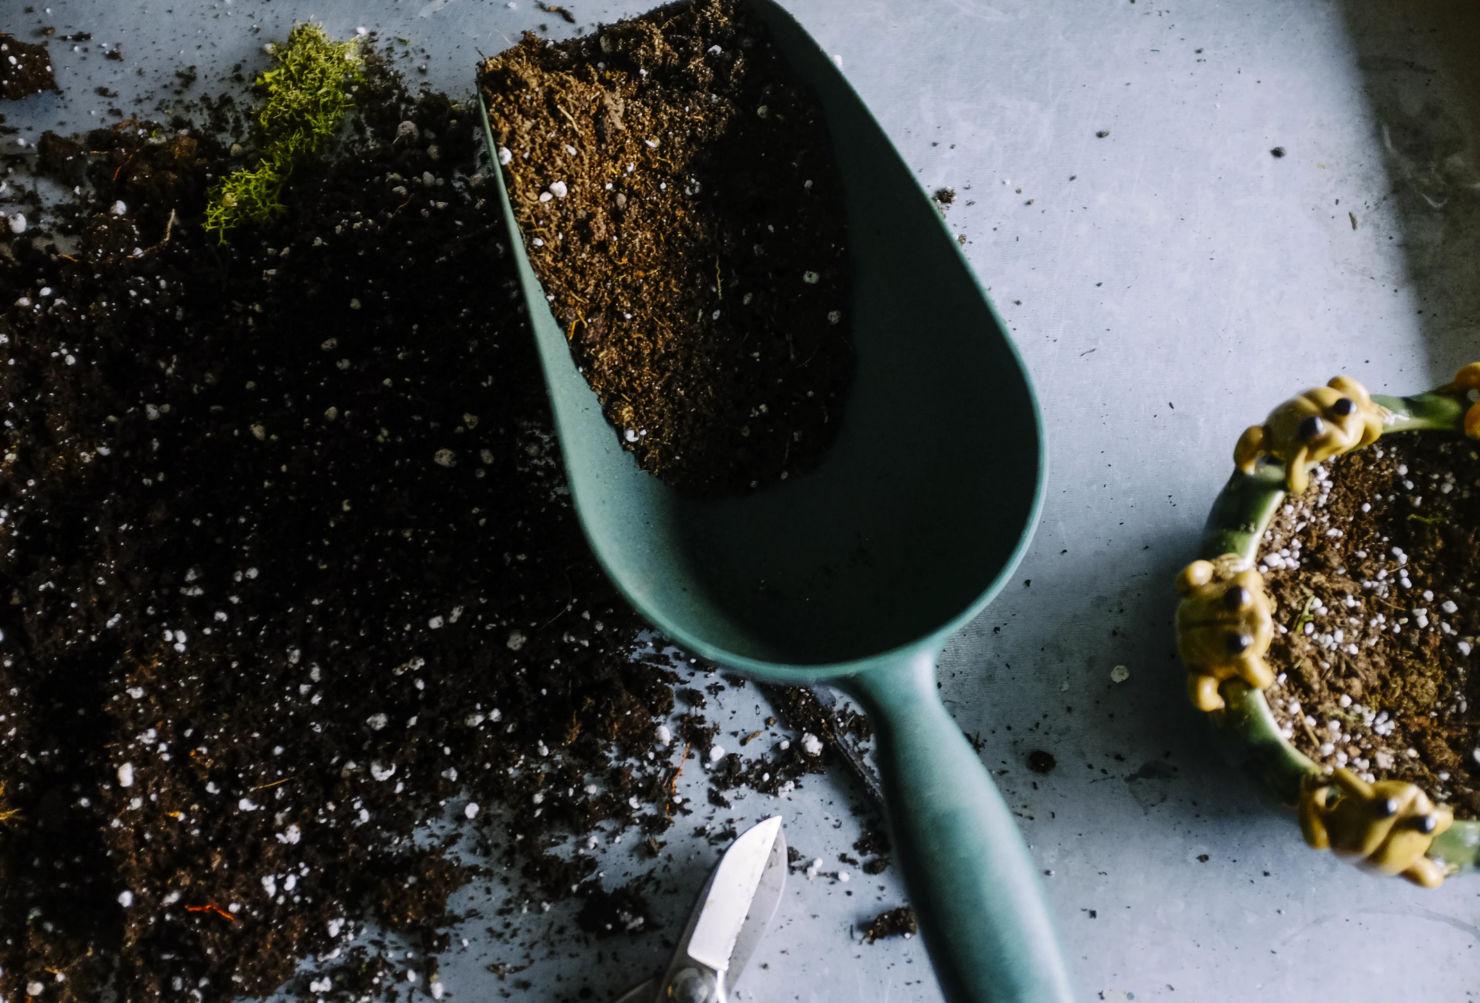 Prepara fertilizantes caseros para mantener el verde de tus plantas